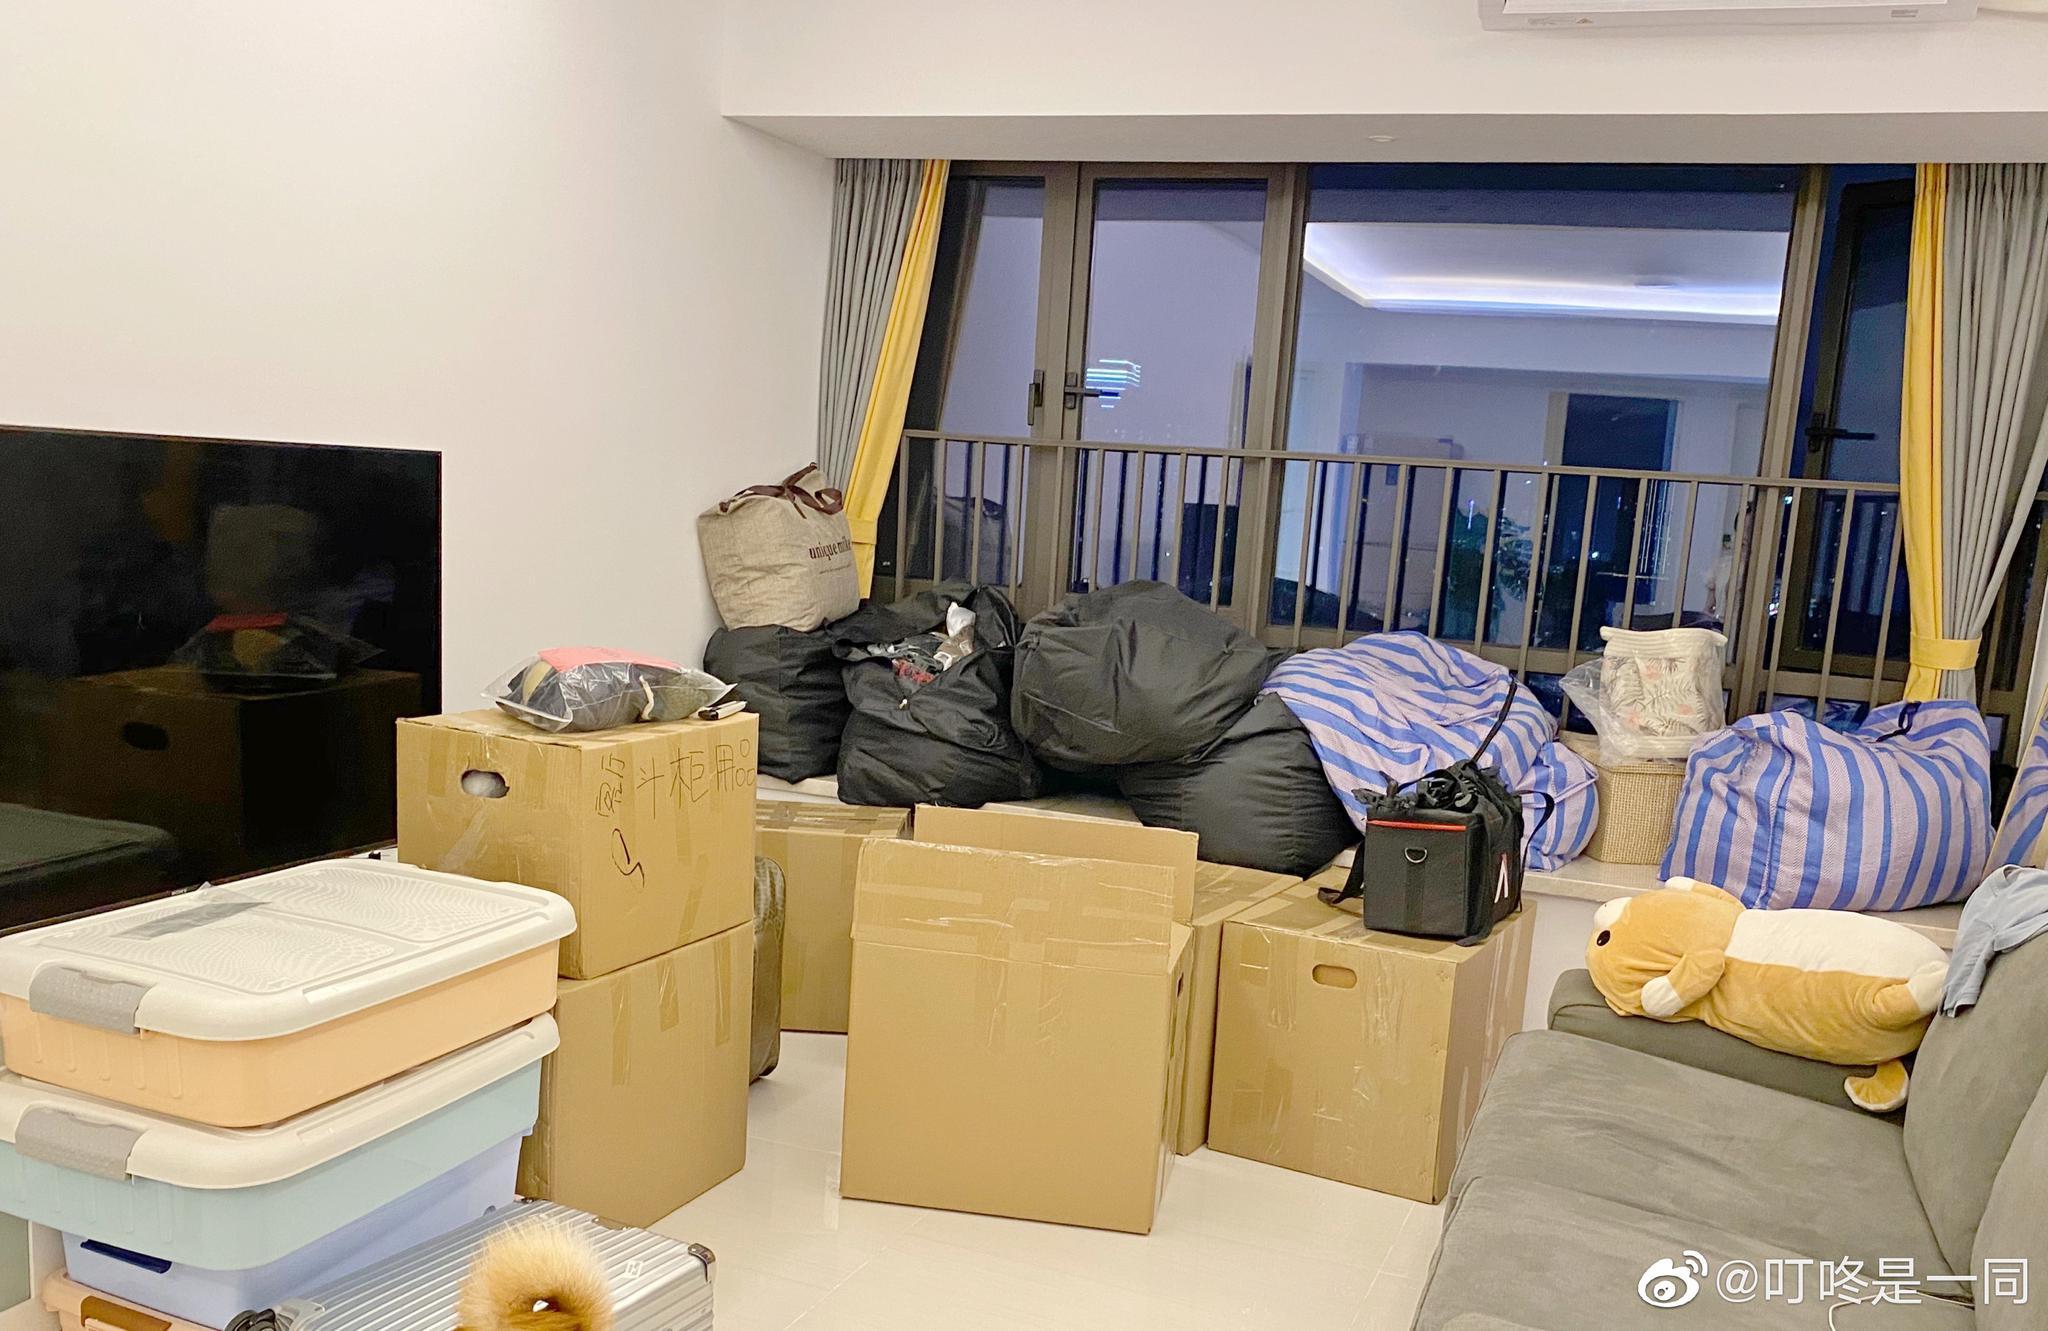 搬家可以列入人生最艰难的事之一